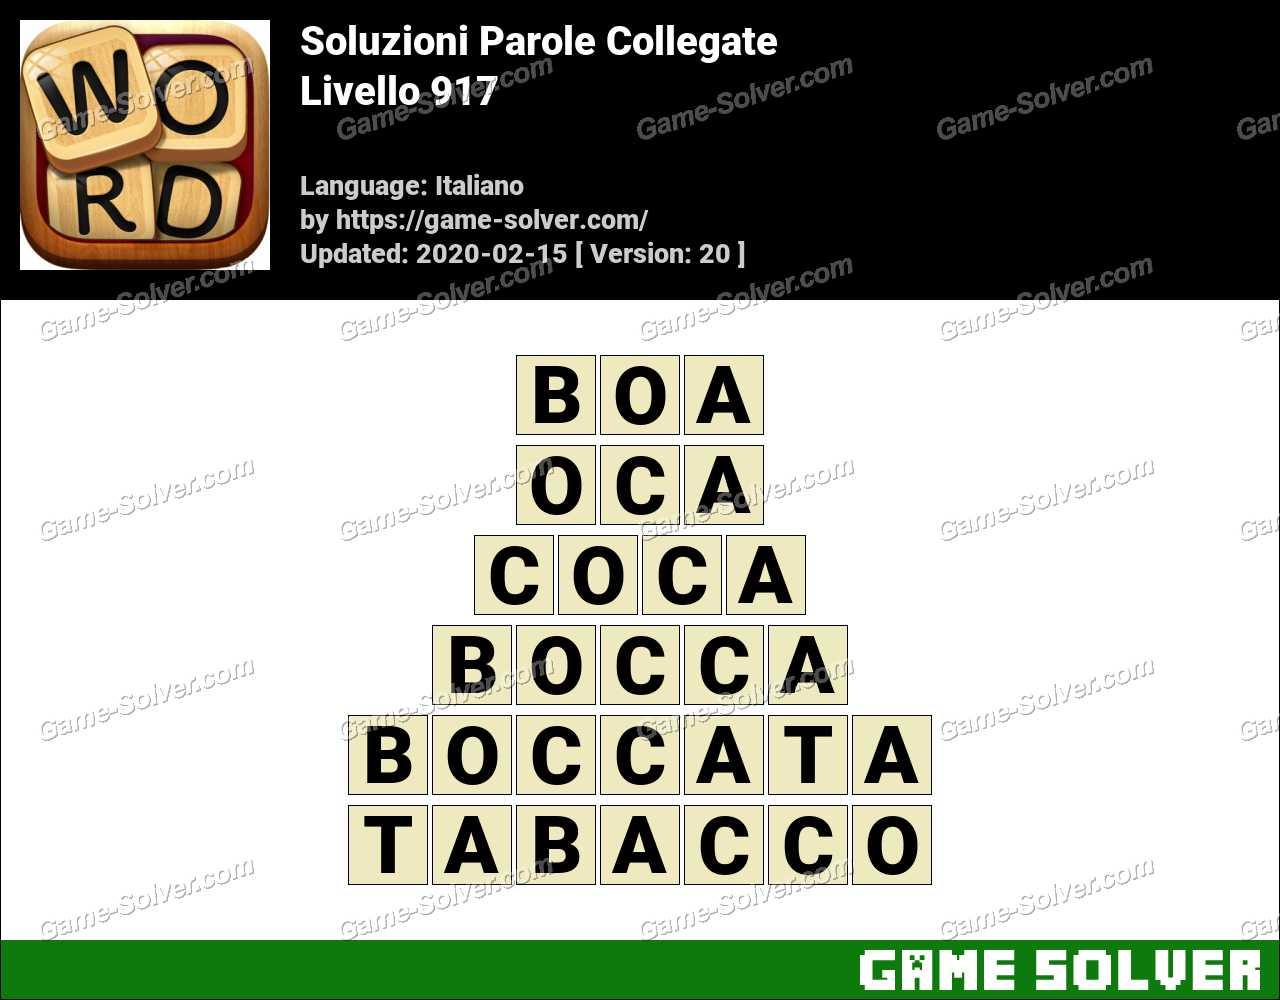 Soluzioni Parole Collegate Livello 917